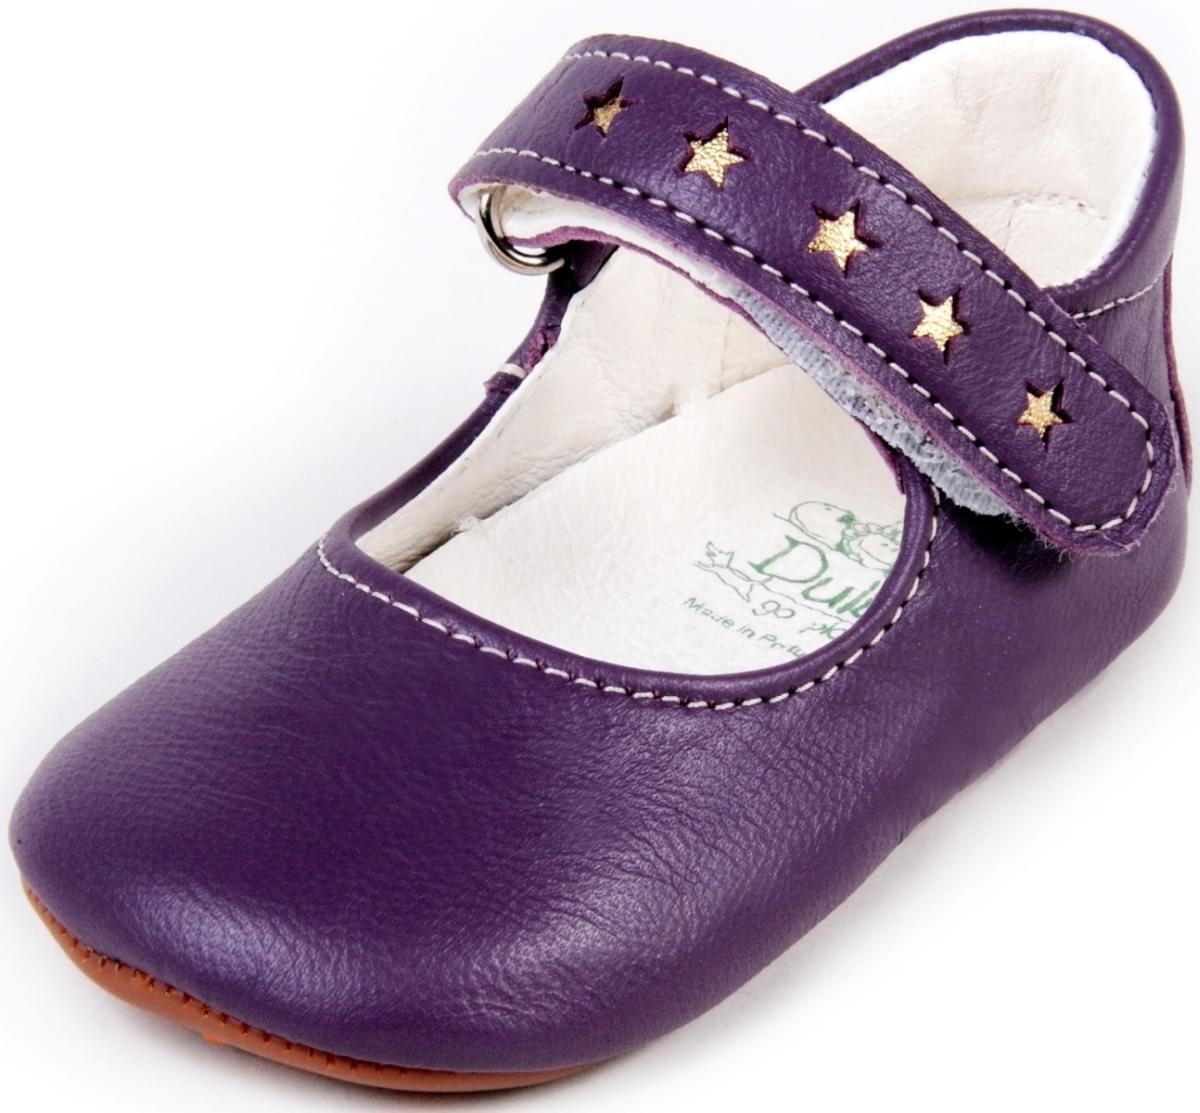 0d4e85396b0 Dětské barefoot první botičky Dulis Baby Eco - fialový bál - Skibi Kids